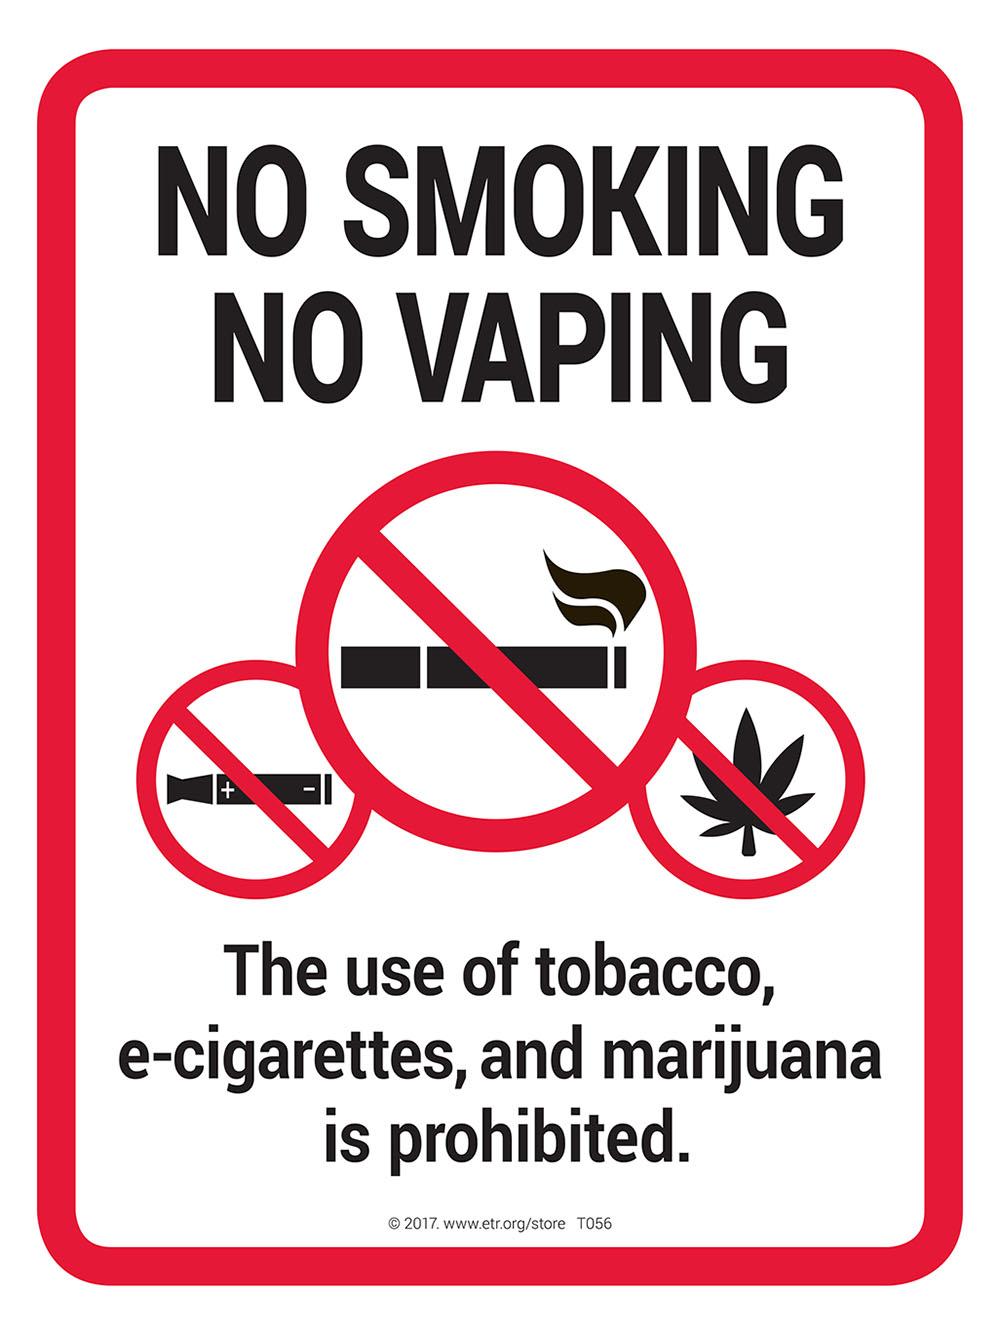 no smoking    no vaping    no marijuana sign - sign